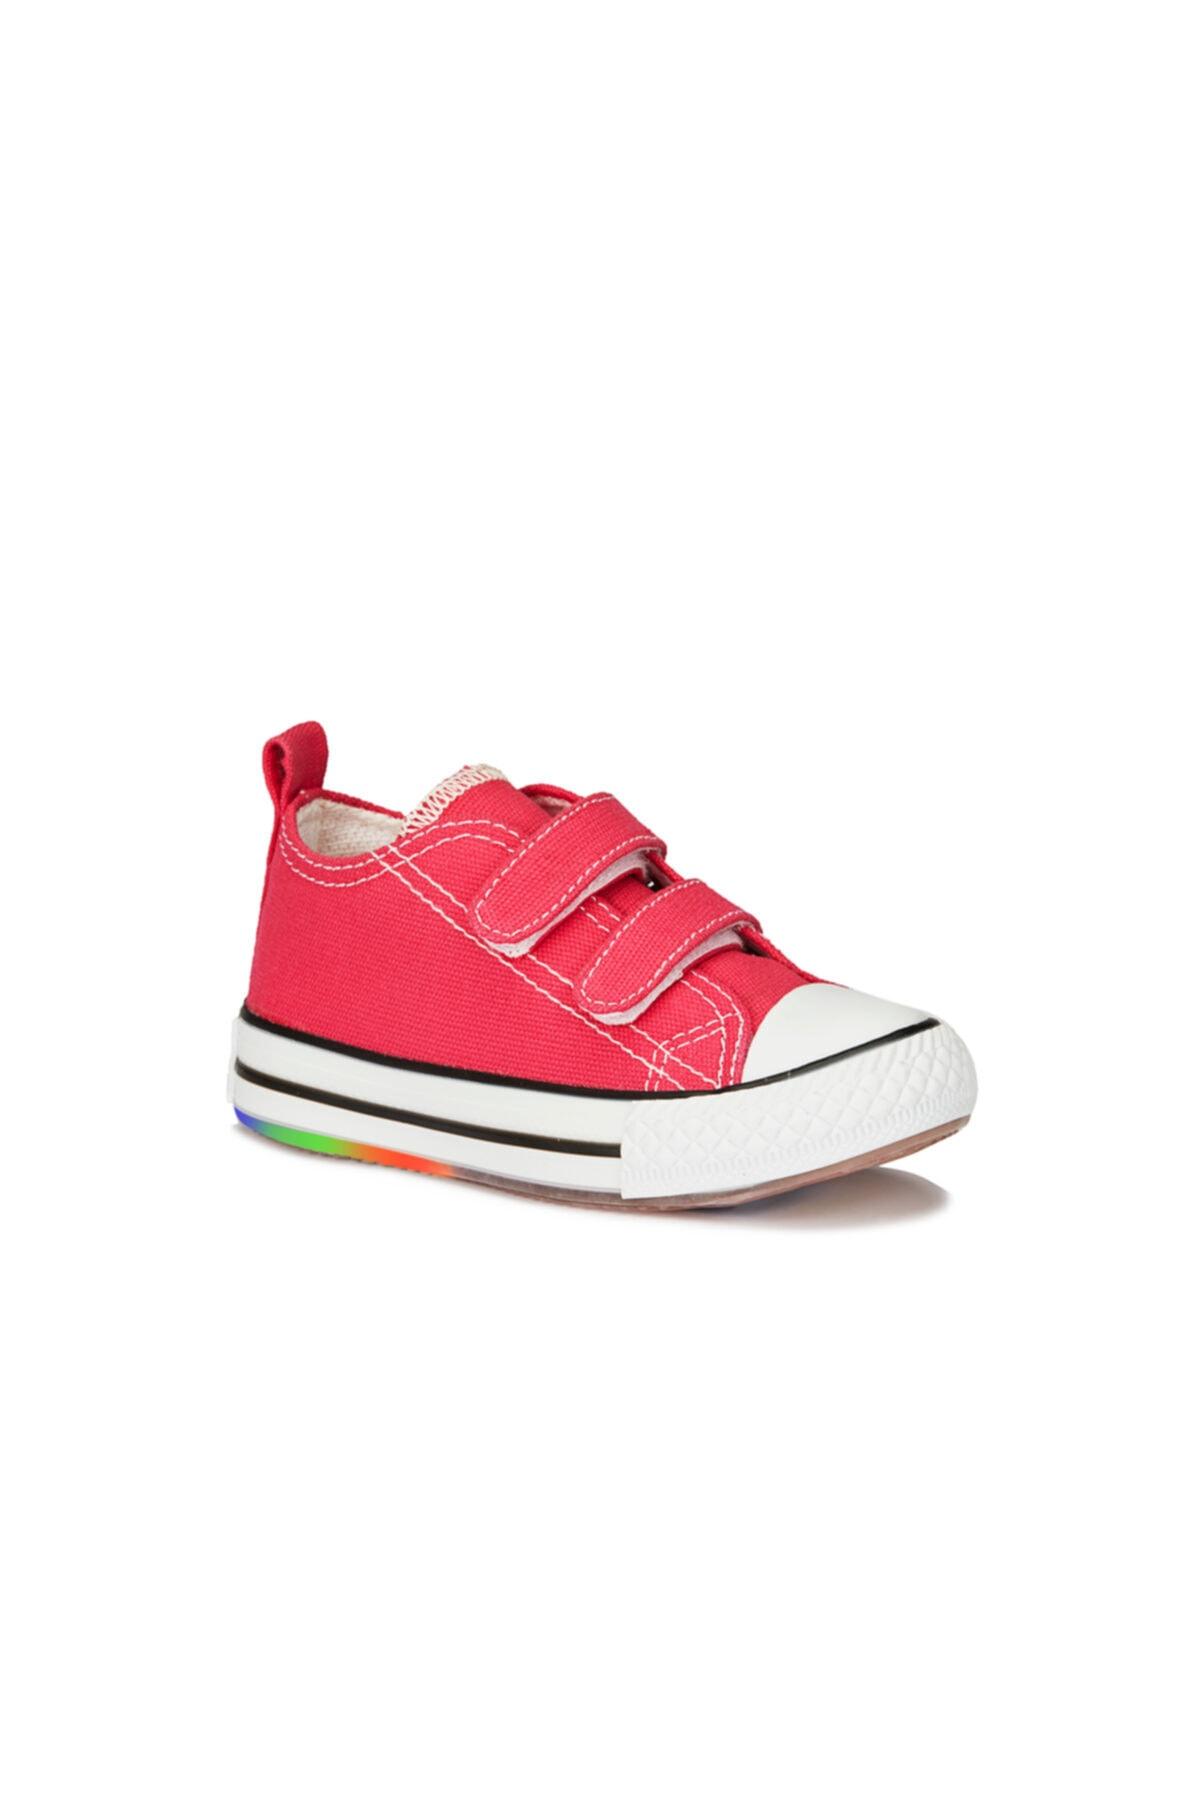 Vicco Pino Kız Çocuk Fuşya Spor Ayakkabı 1